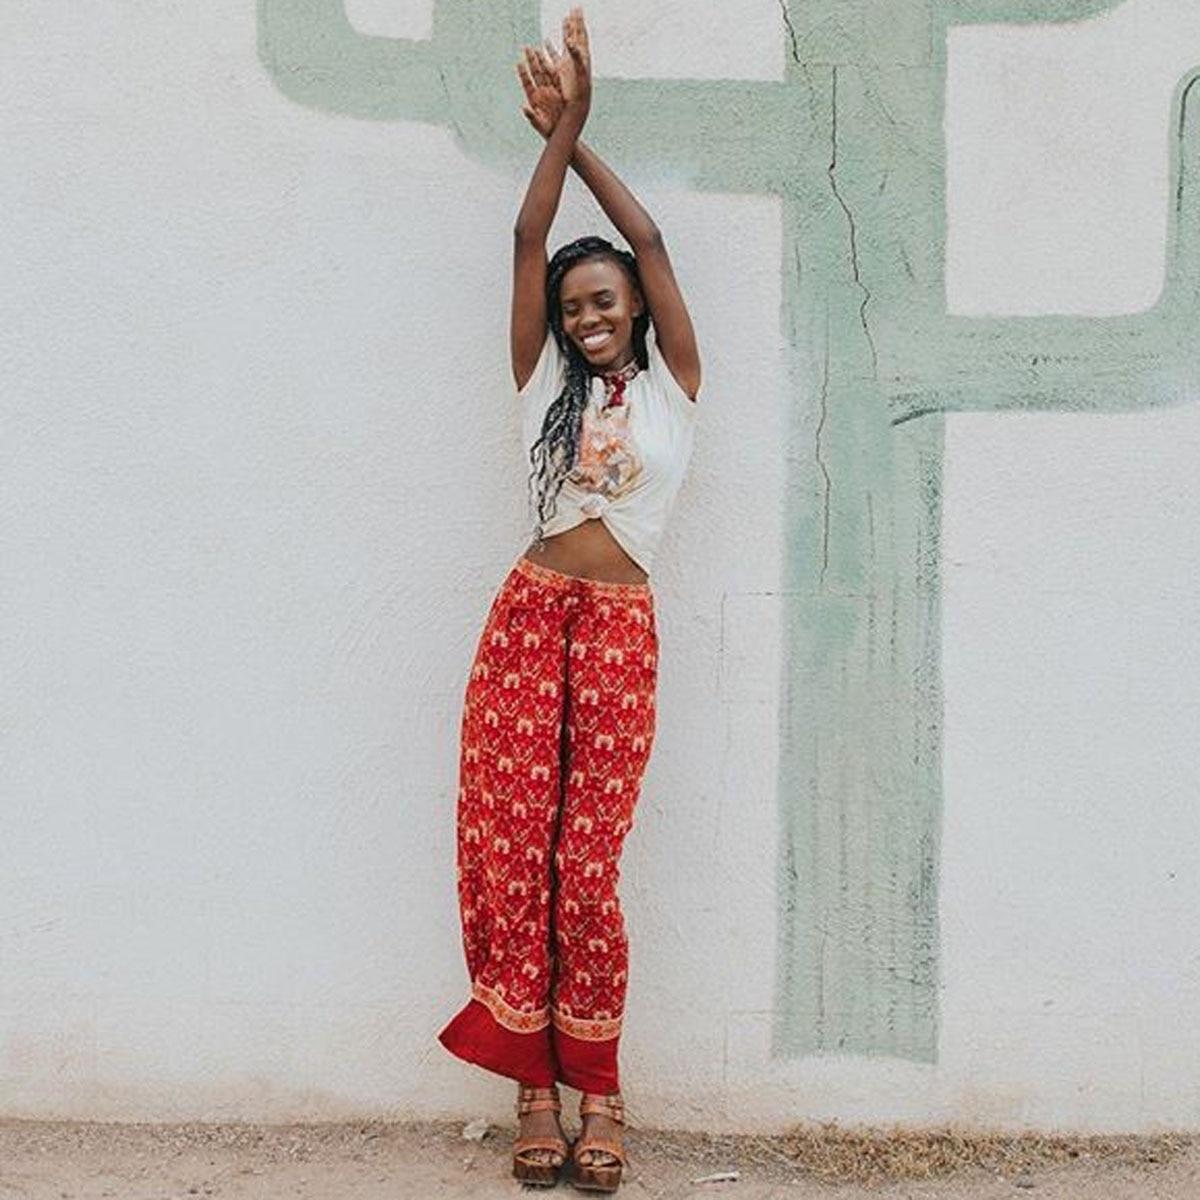 Jastie 2018 Bohemian verano pantalón rojo estampado Floral mujeres Pantalones Casual cintura elástica pierna ancha pantalones Boho Hippie ropa femenina